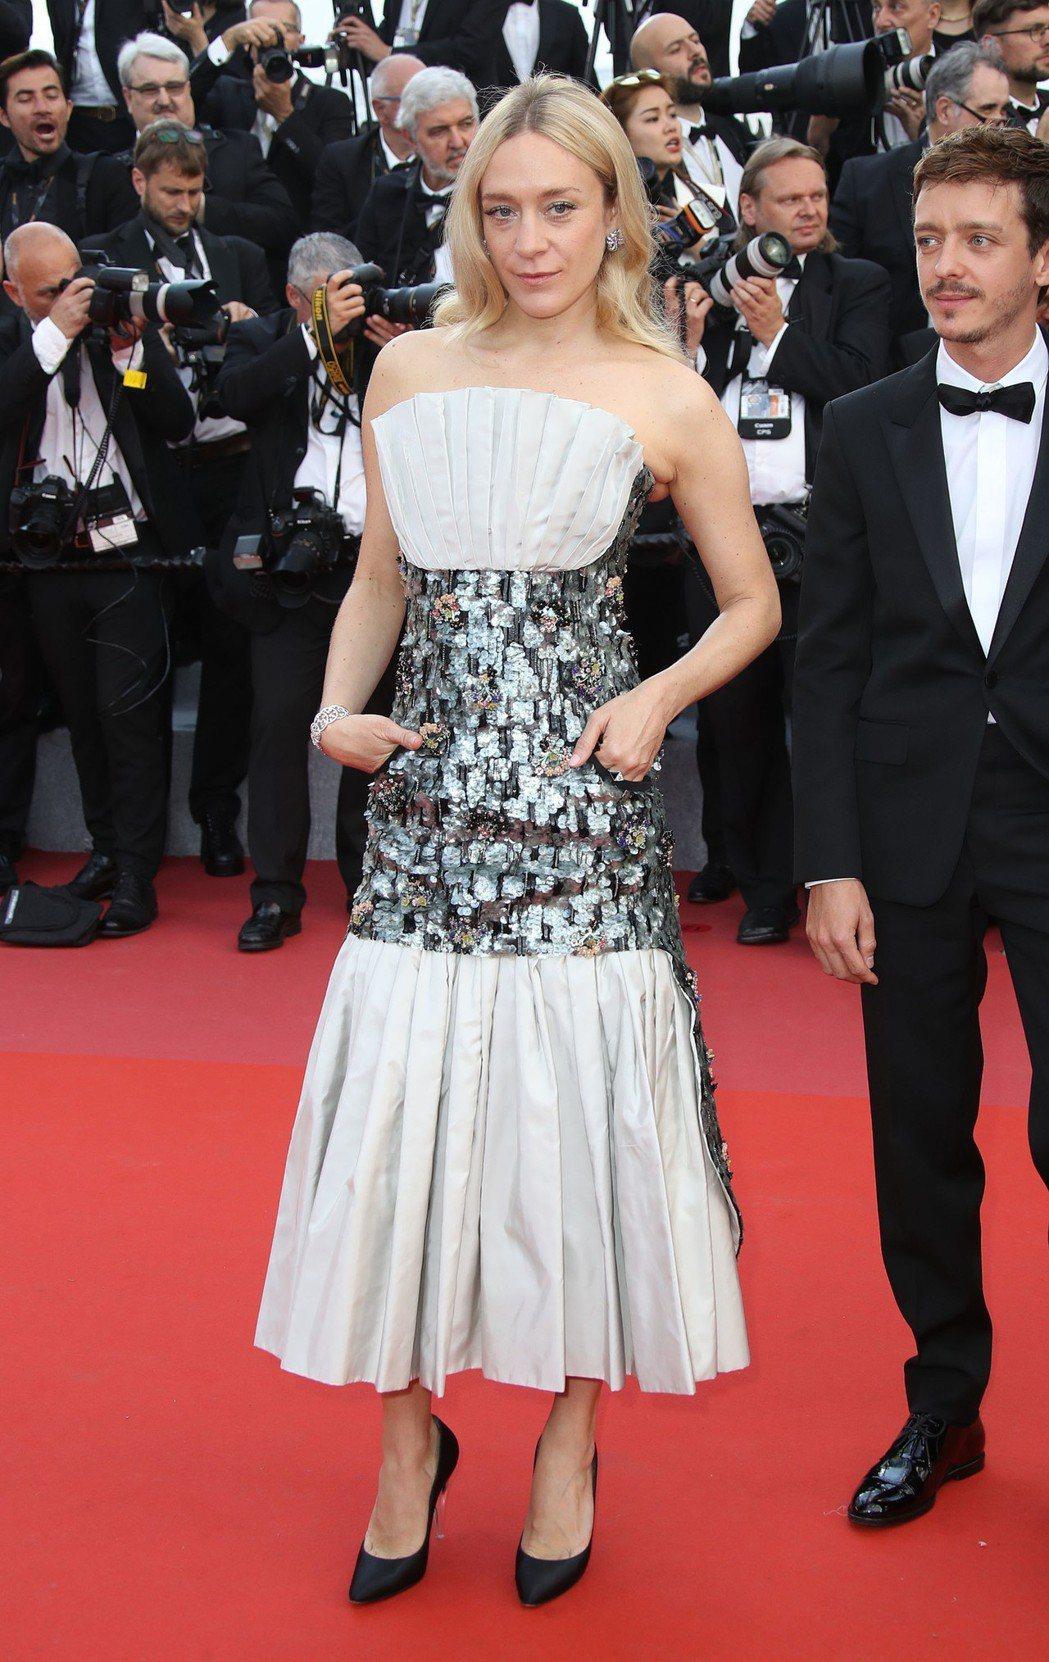 一樣都是香奈兒的禮服和珠寶,克蘿伊塞凡妮穿出自己的個性風格。圖/香奈兒提供